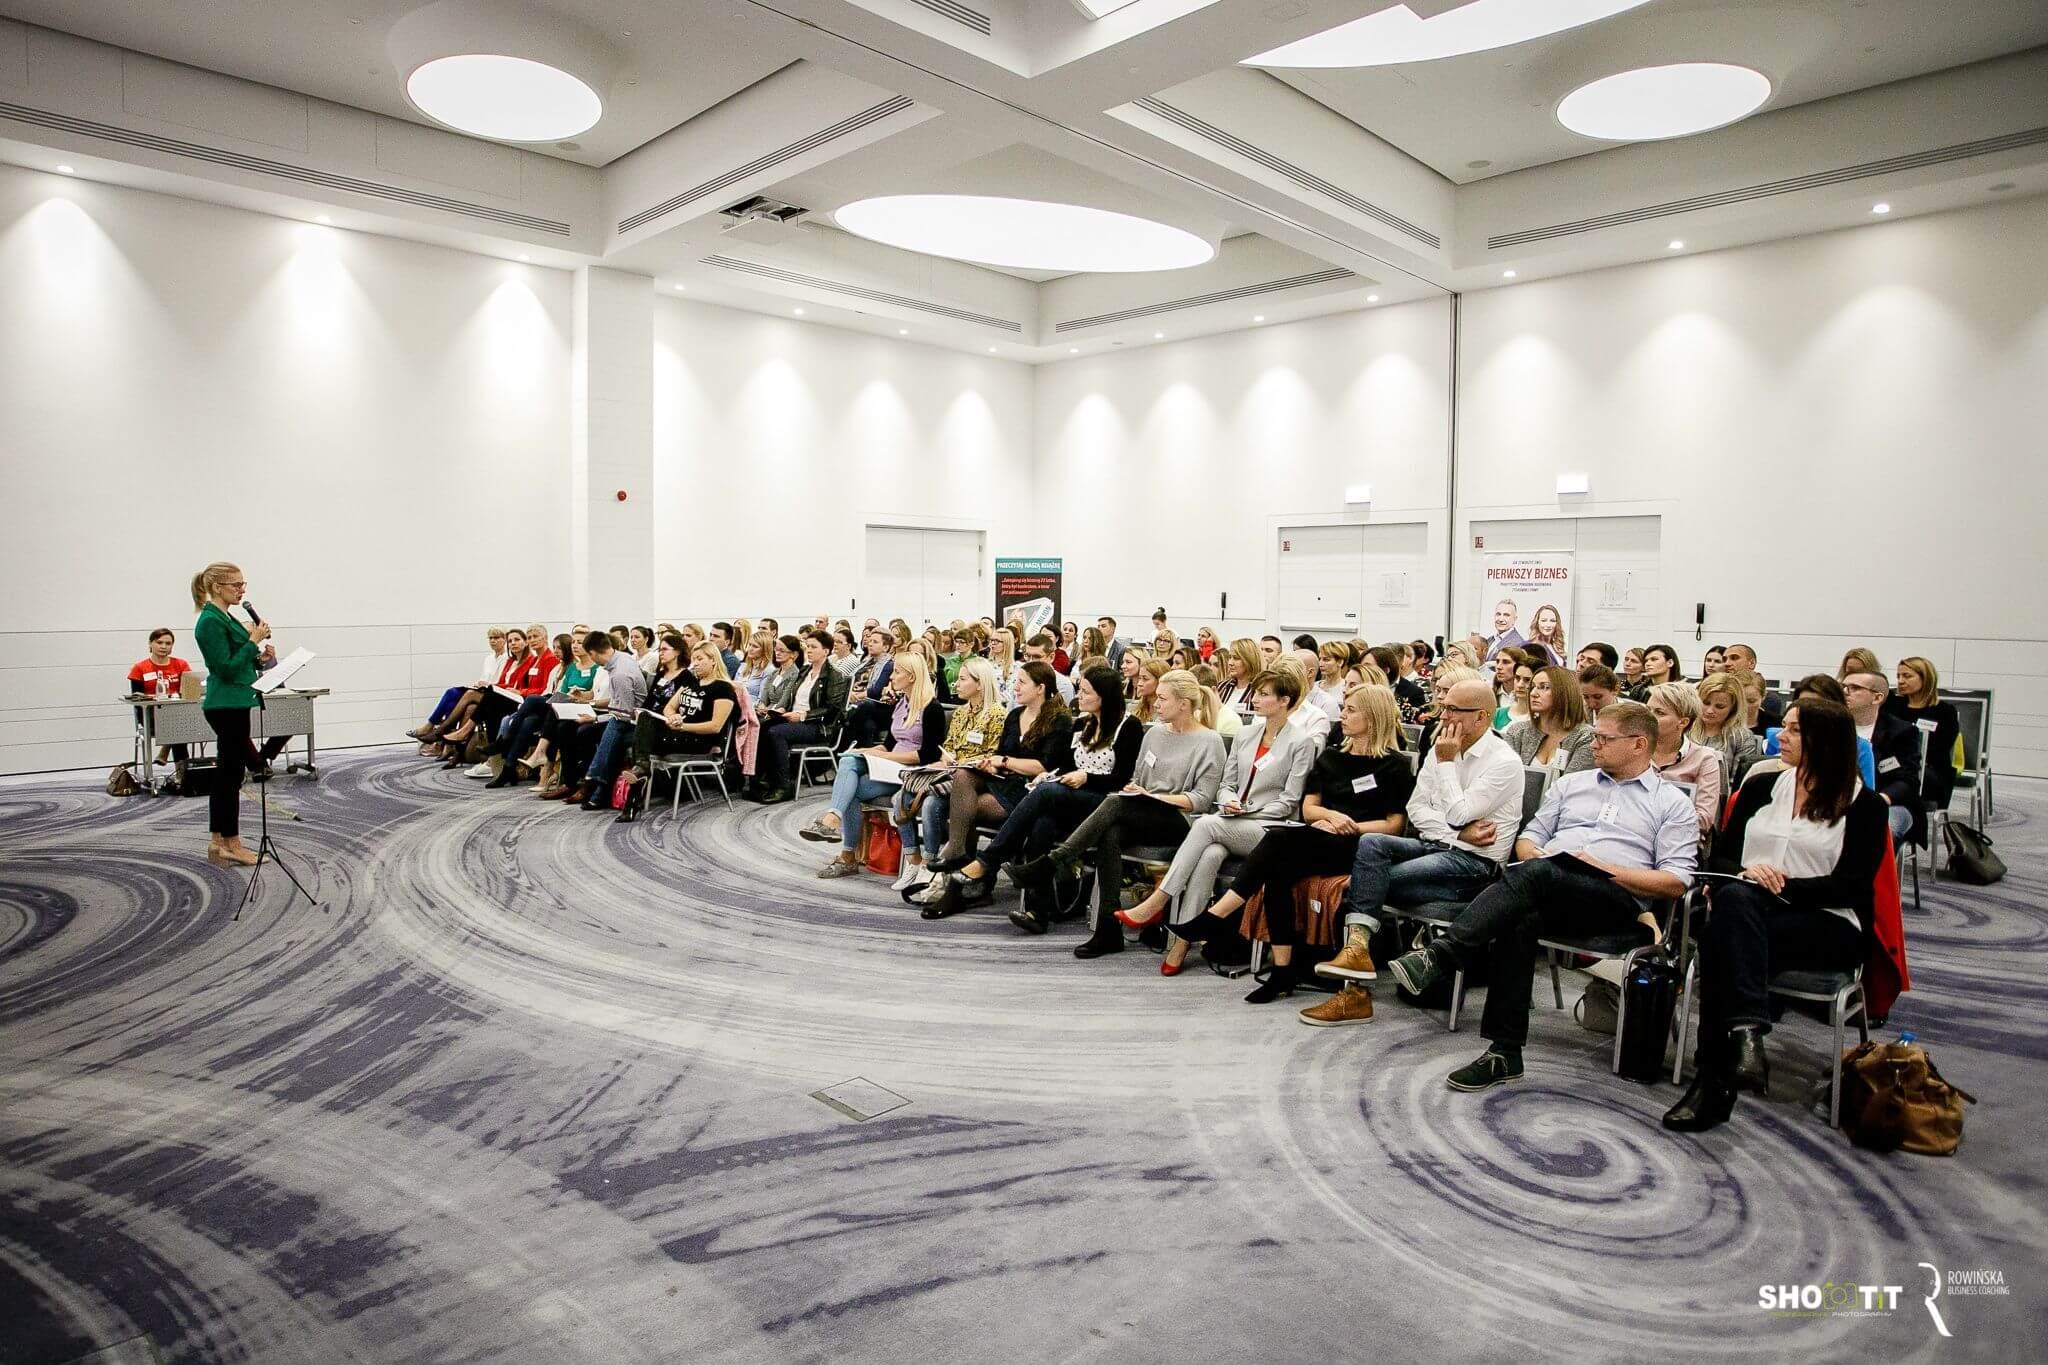 Szkolenie z Asertywności we Wrocławiu w dniu 30 września 2018 roku